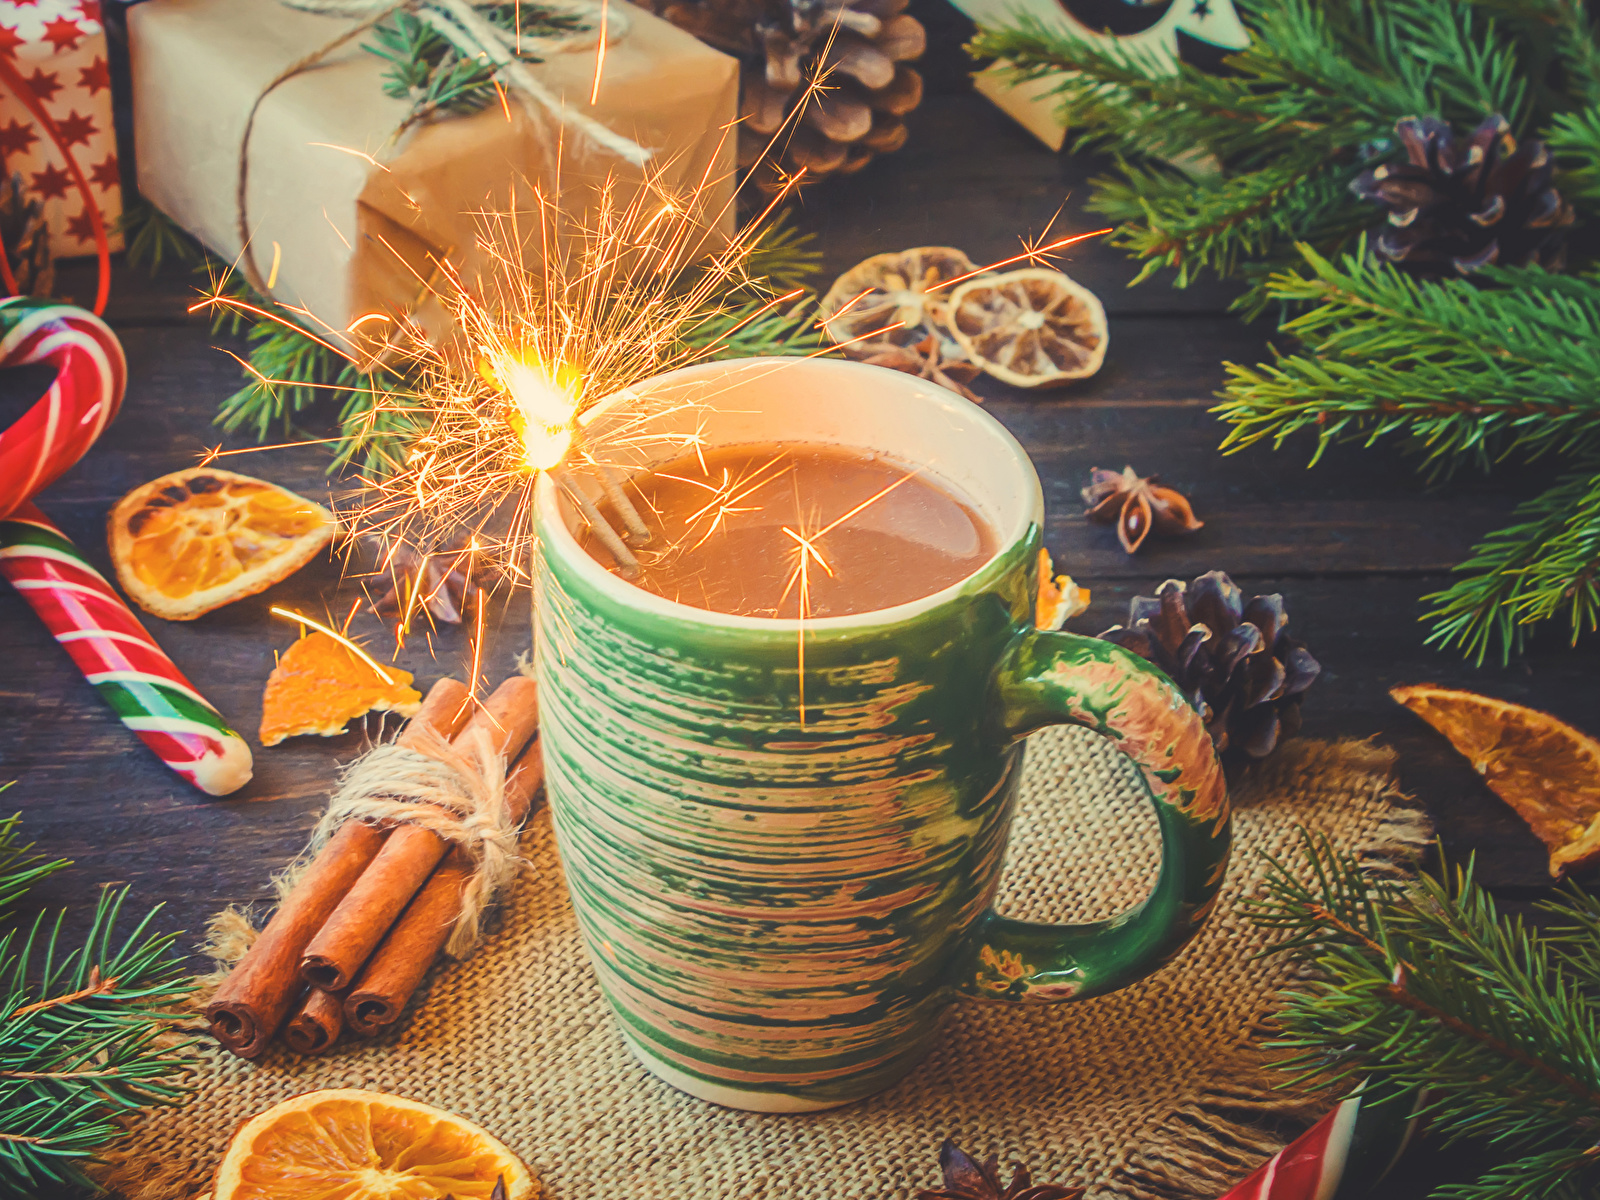 Фотография Новый год Бенгальские огни Какао напиток Корица Пища чашке Сладости 1600x1200 Рождество Горячий шоколад Еда Чашка Продукты питания